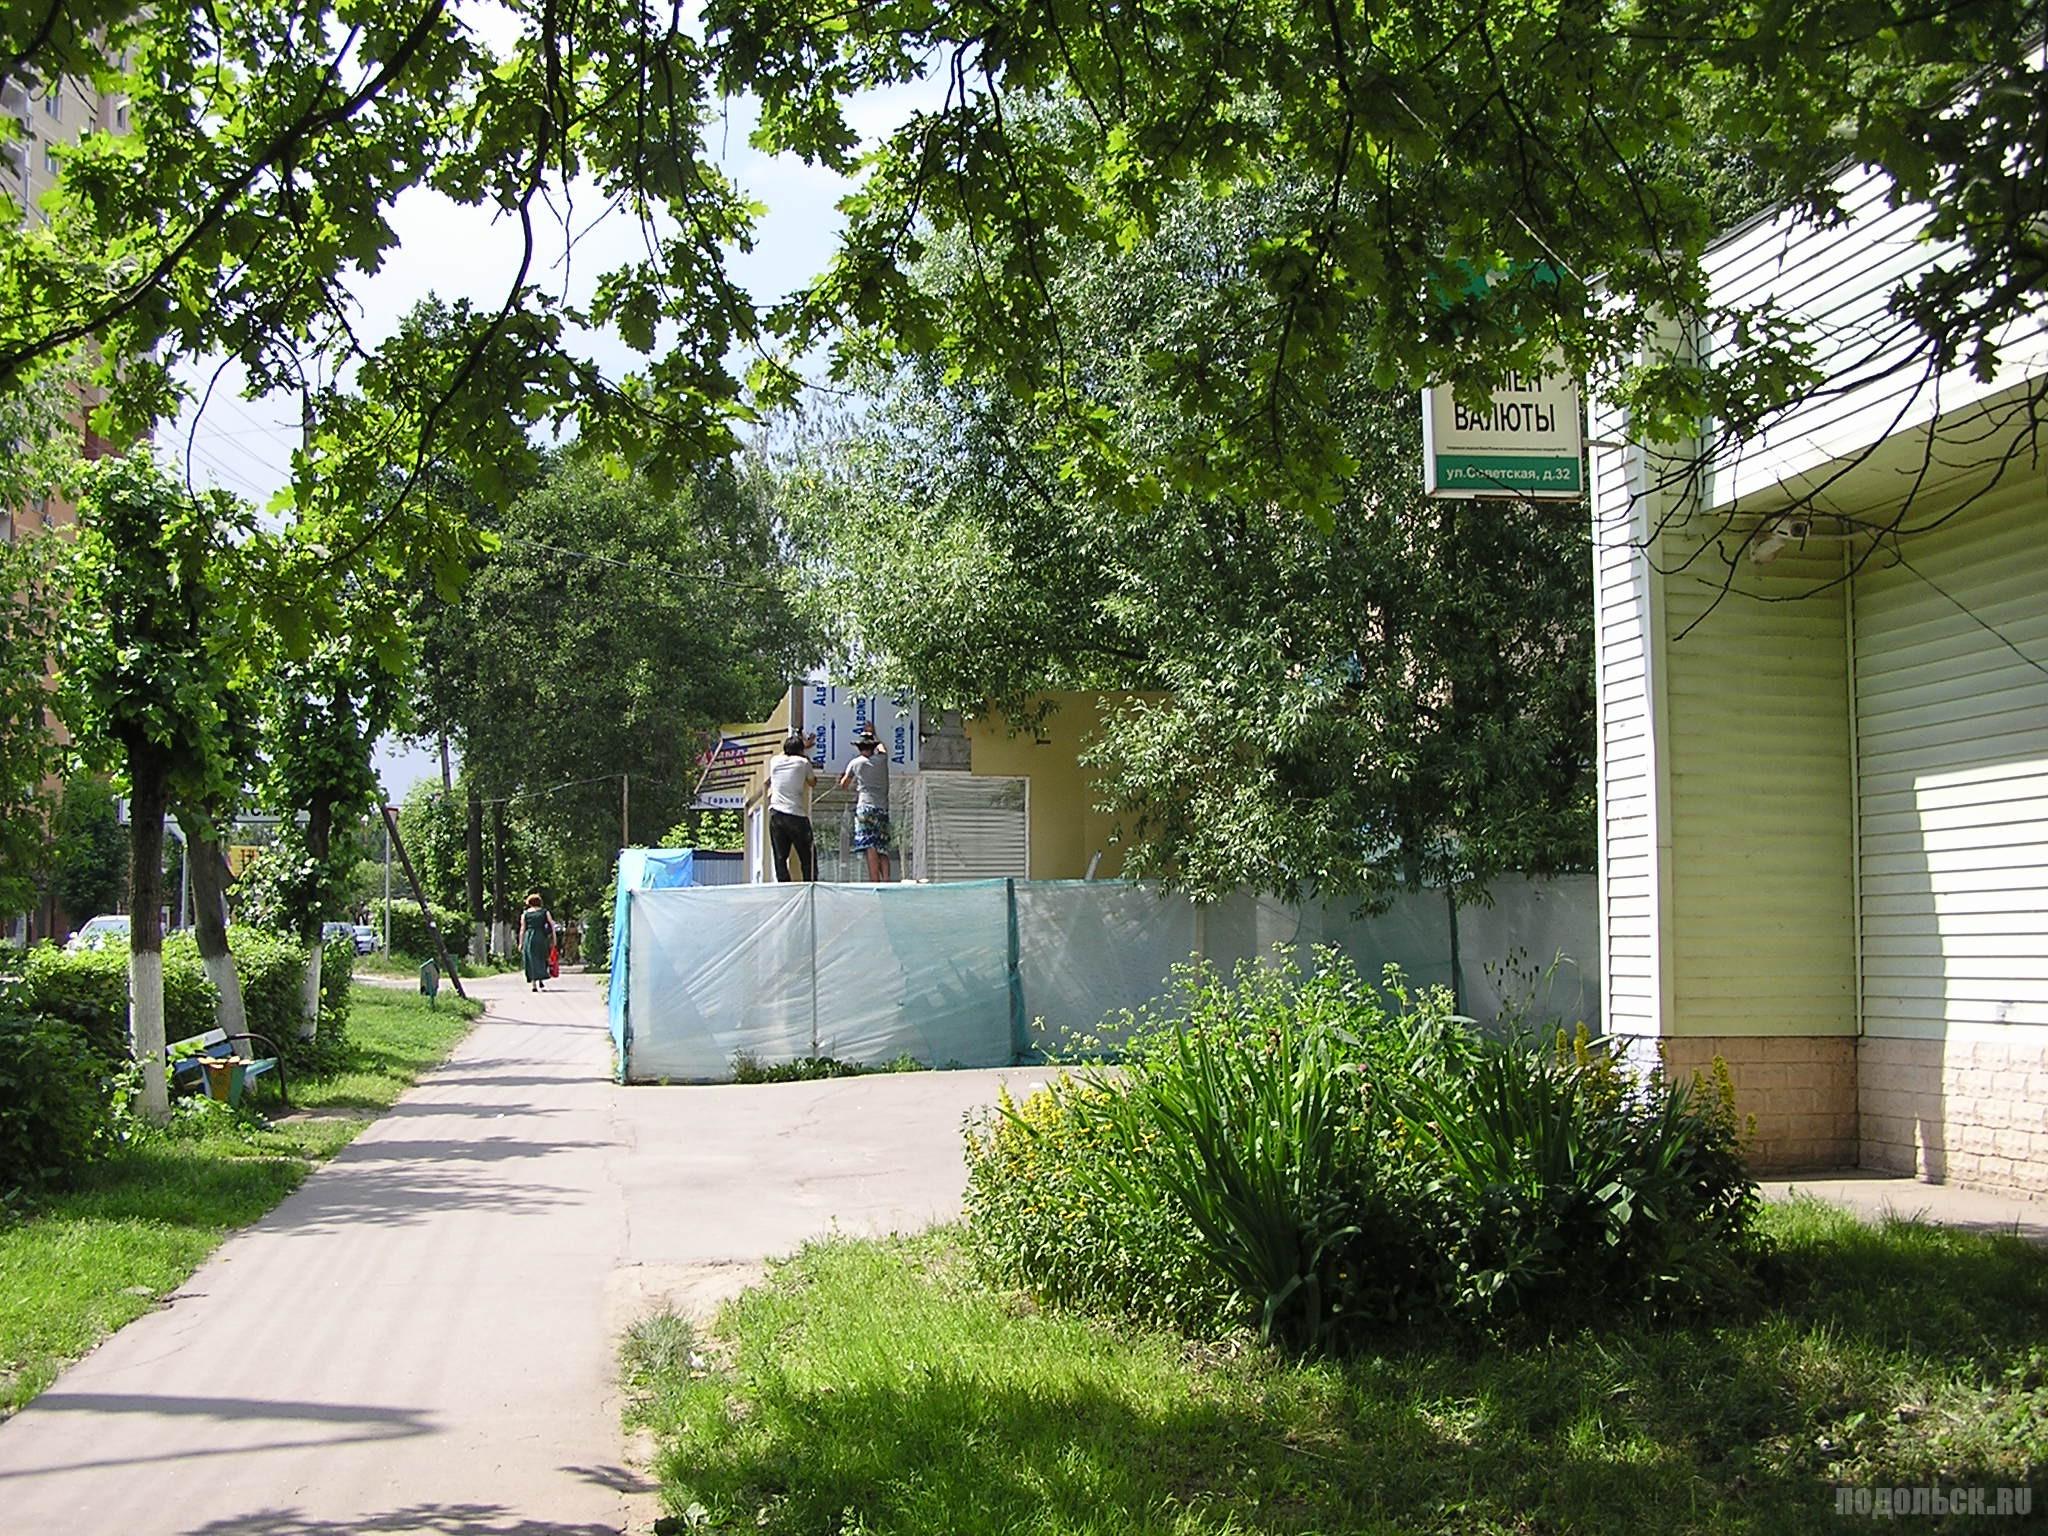 Строительство торгового павильона на улице Горького. 27 июня 2016 г.